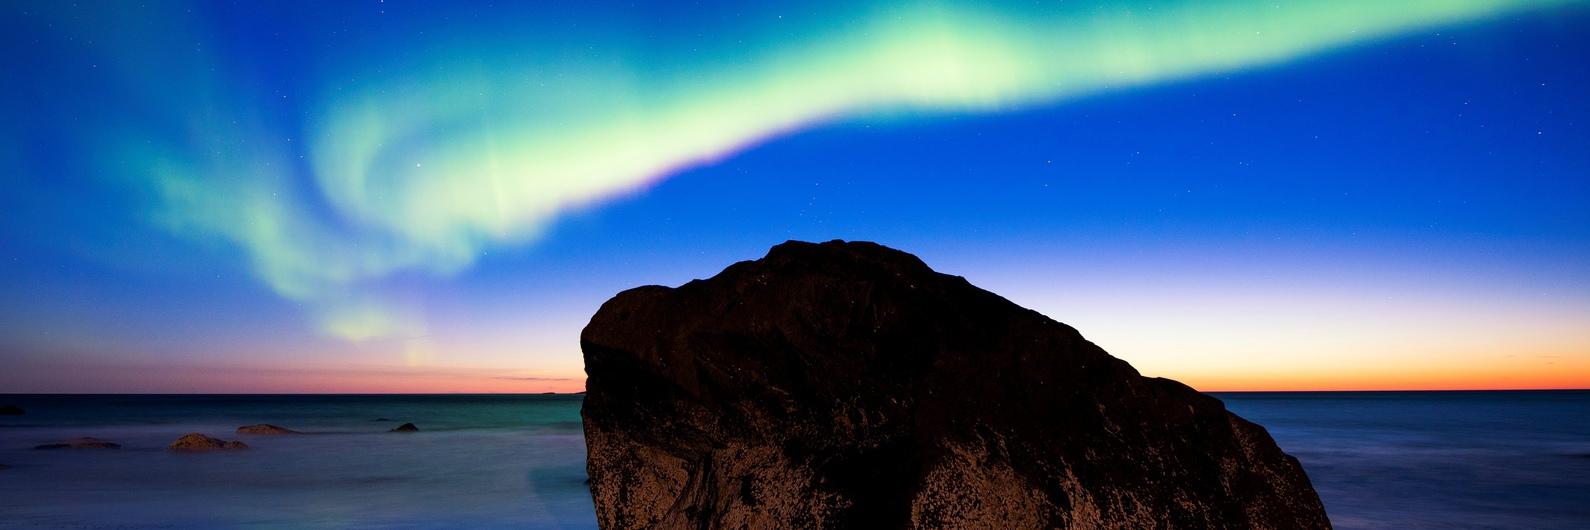 Está aberta a temporada das auroras boreais - e estas fotos são espetaculares